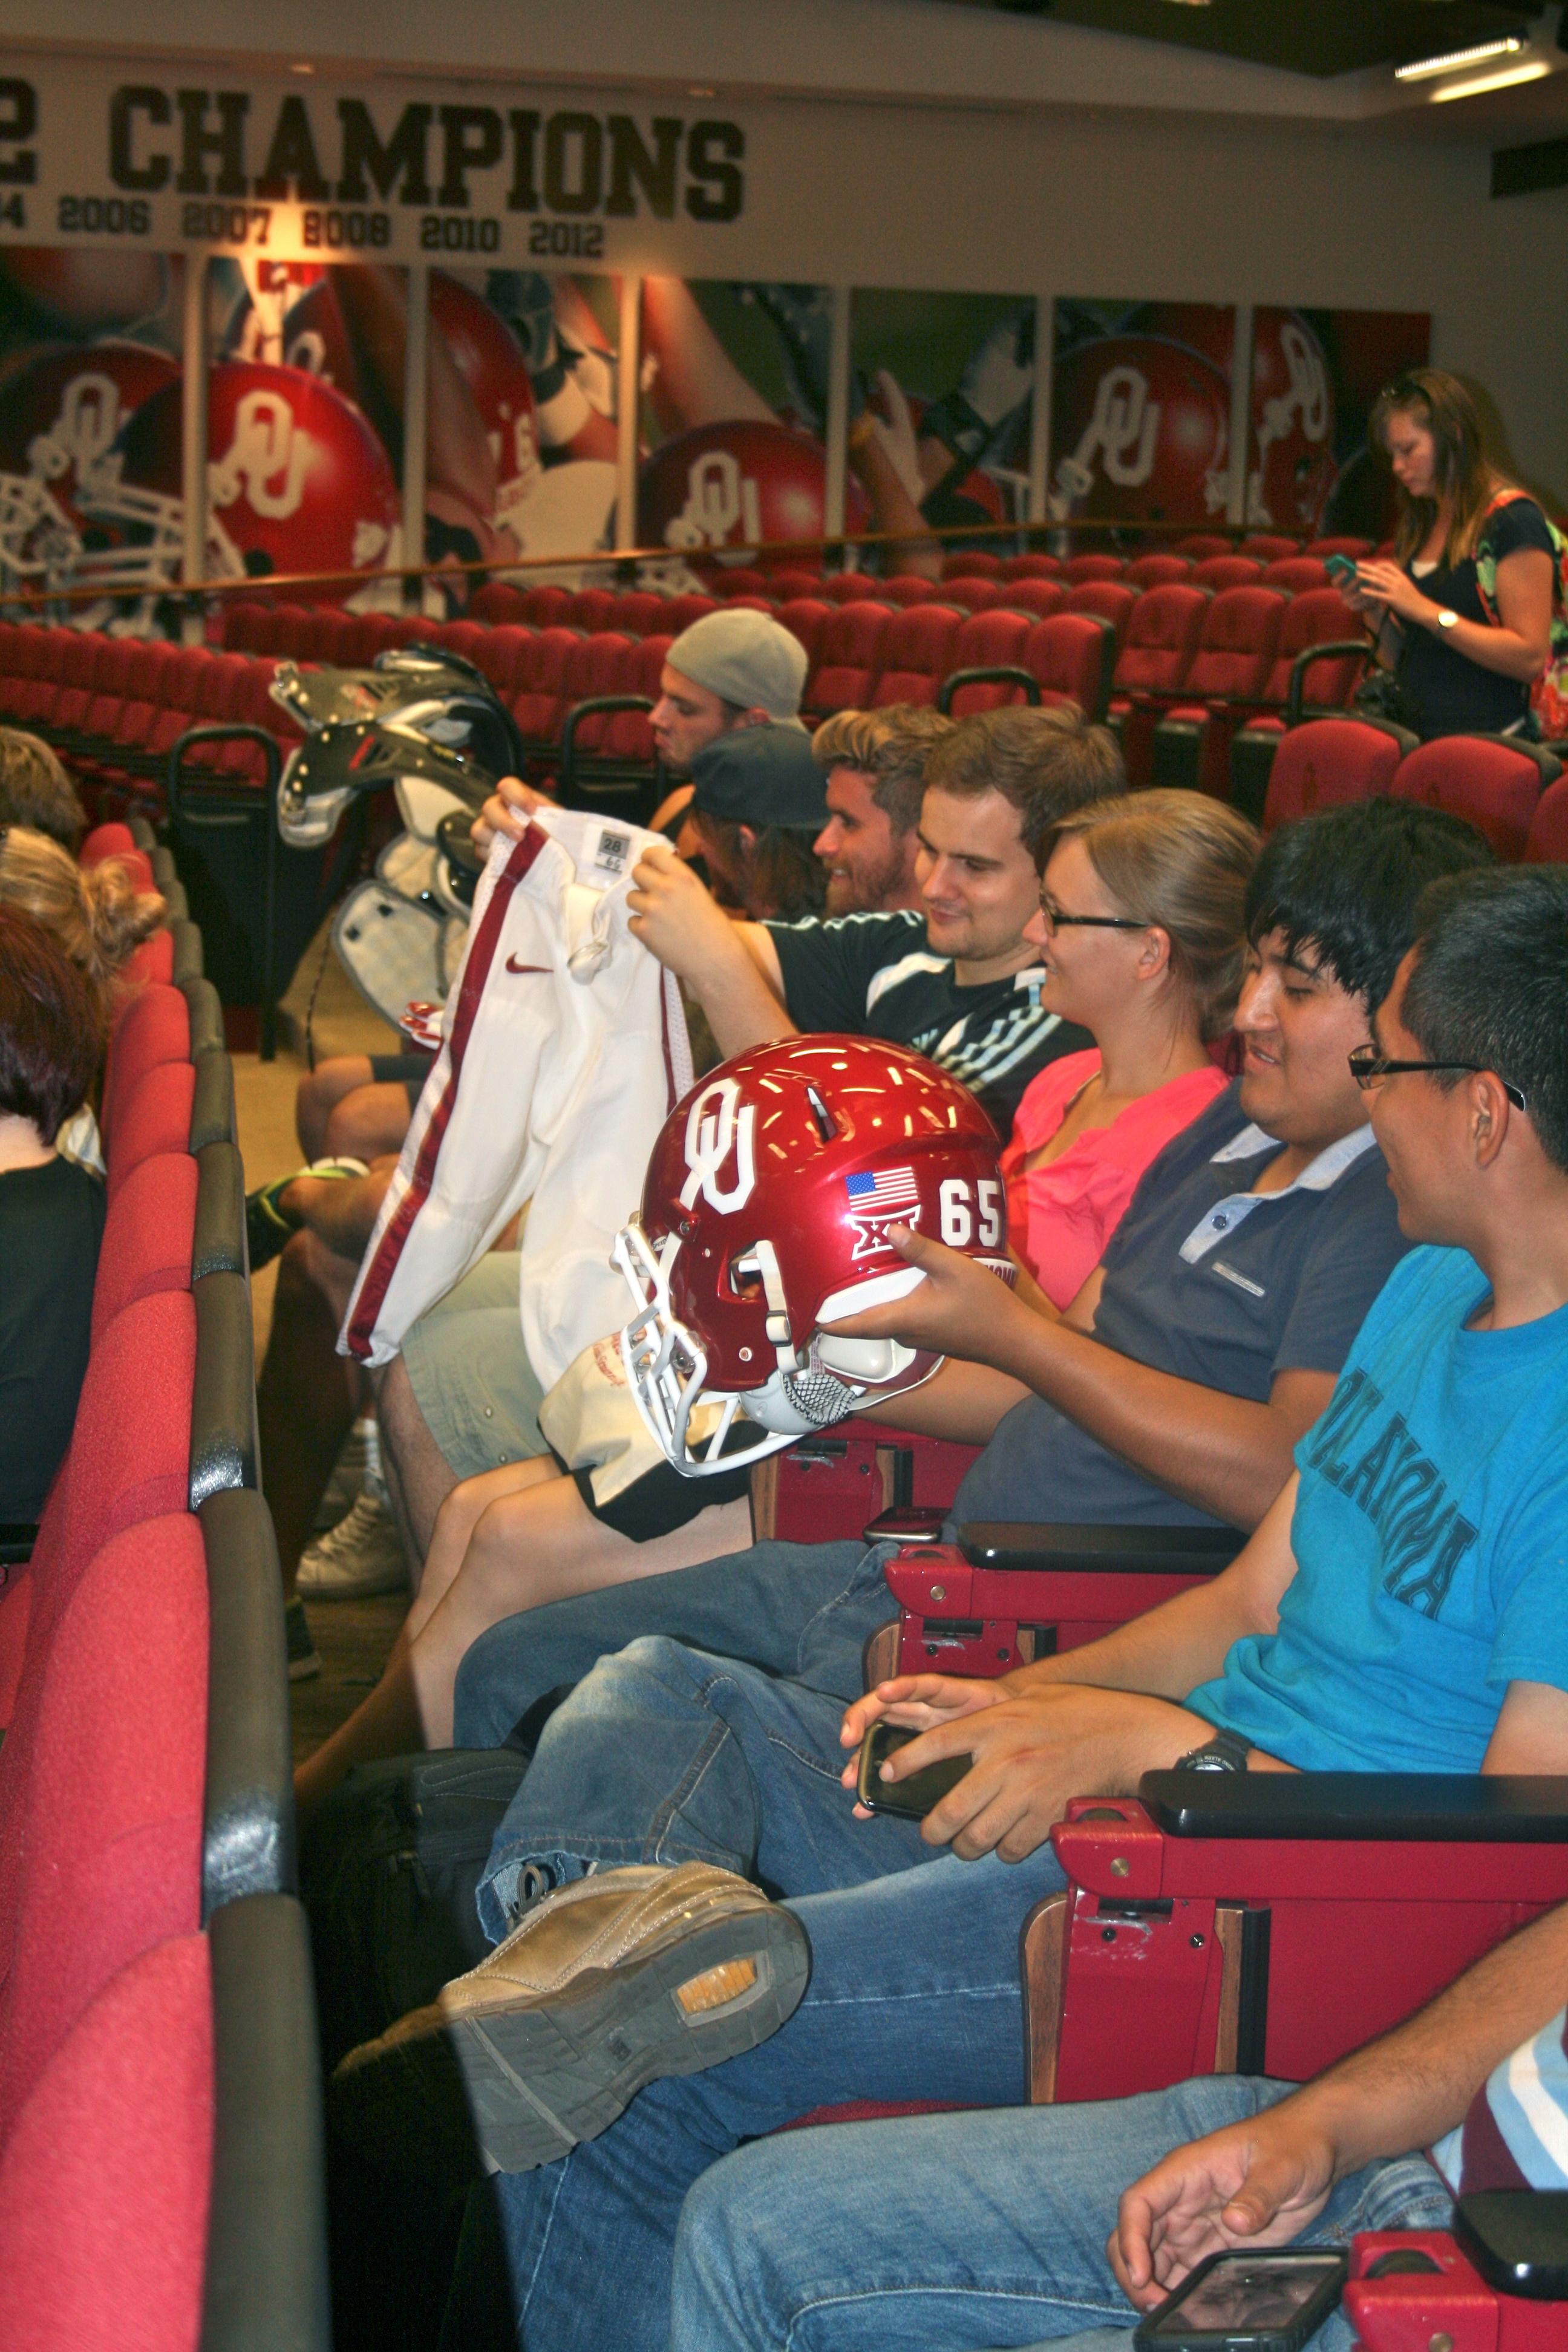 Des jeunes assis dans une salles examinent un casque et une tenue de joueur de football américain. (Crédit photo : University of Oklahoma)